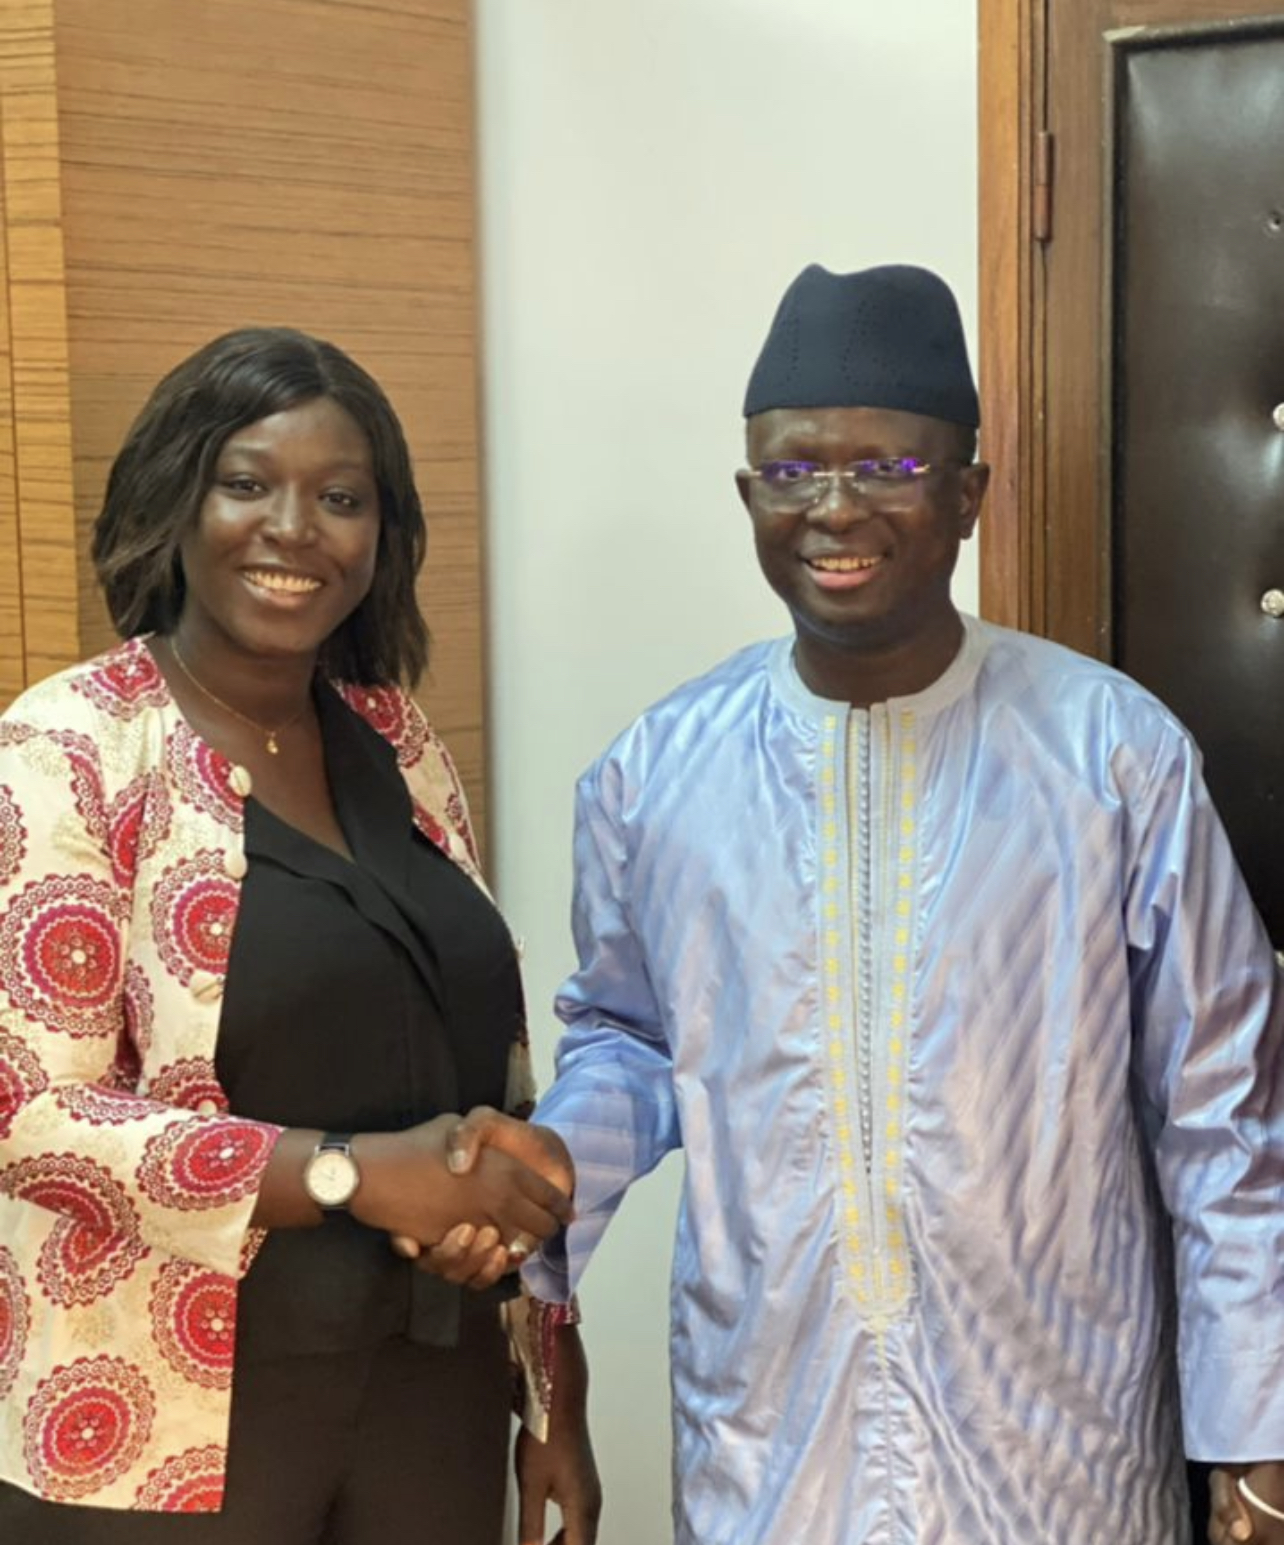 Démission Politique : Le parti Libéral Social Sénégalais de Samuel Sarr perd sa responsable des jeunes qui rejoint le Ldr/ Yessal.